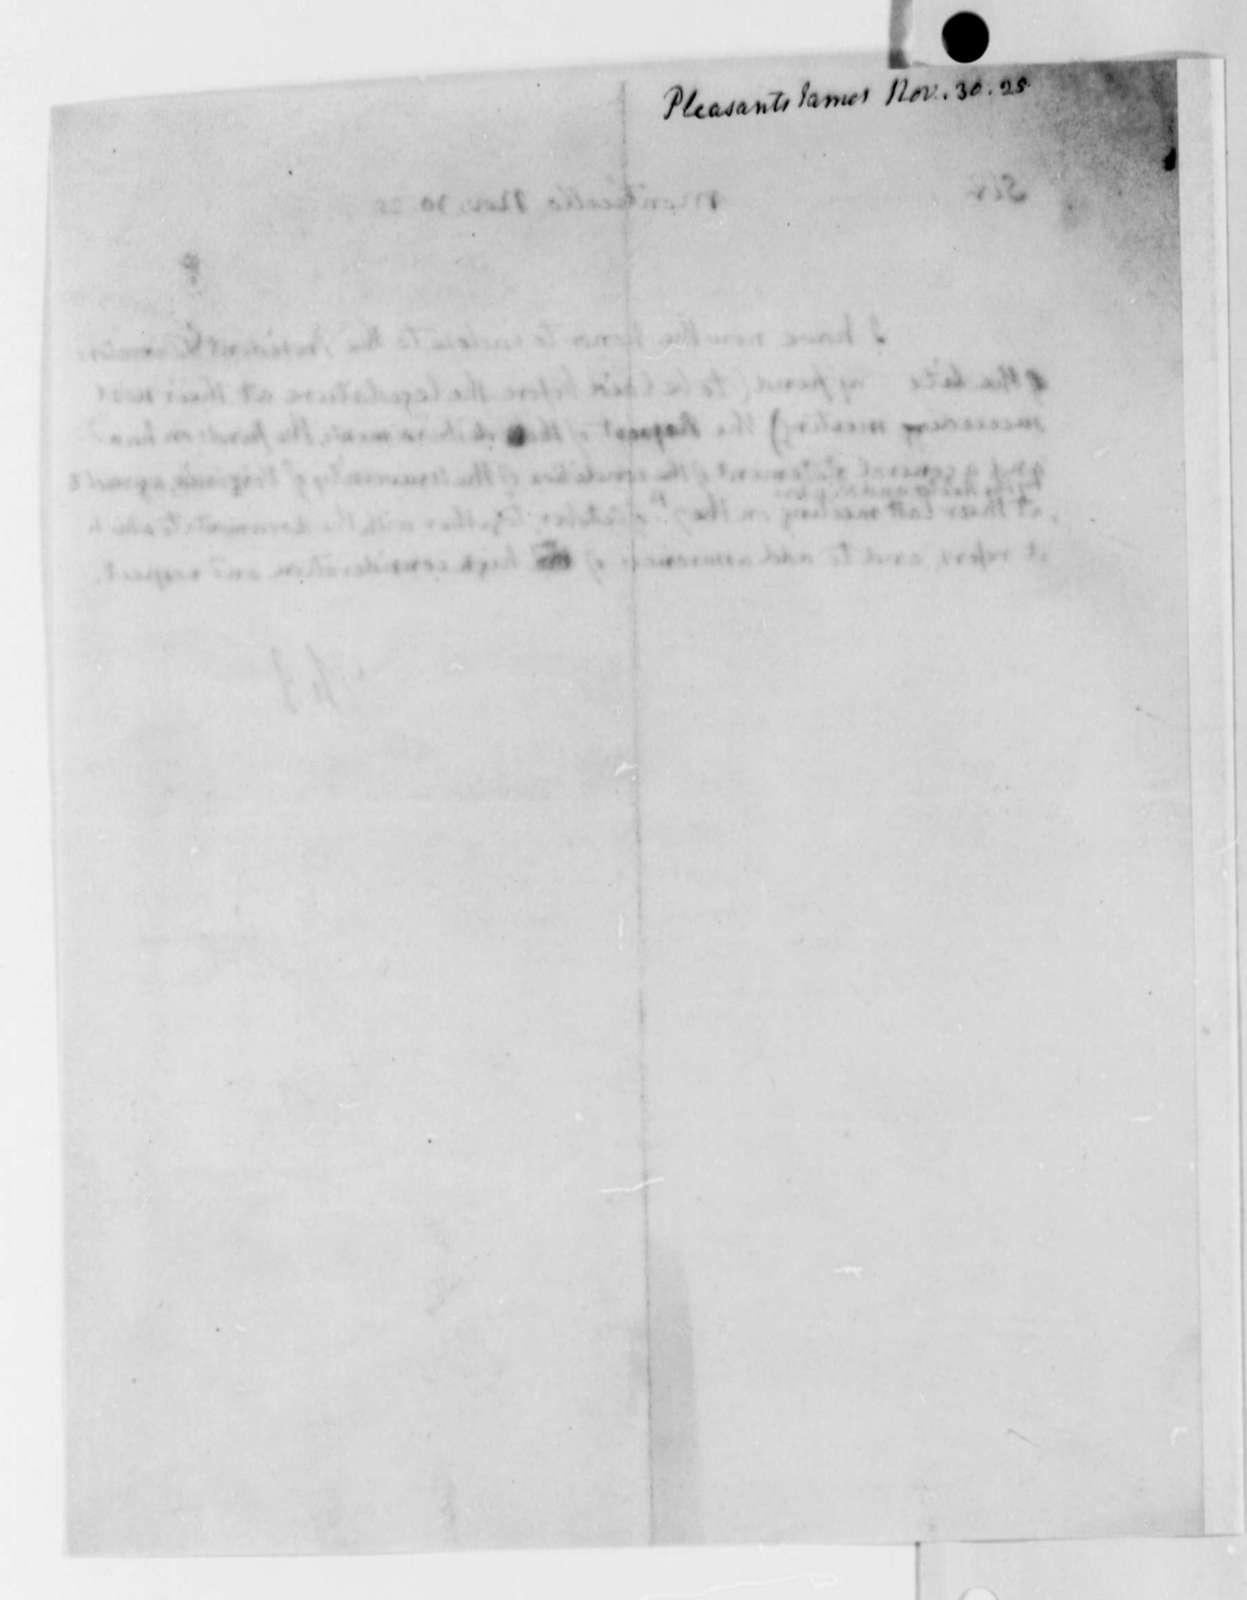 Thomas Jefferson to James Pleasants, November 30, 1825